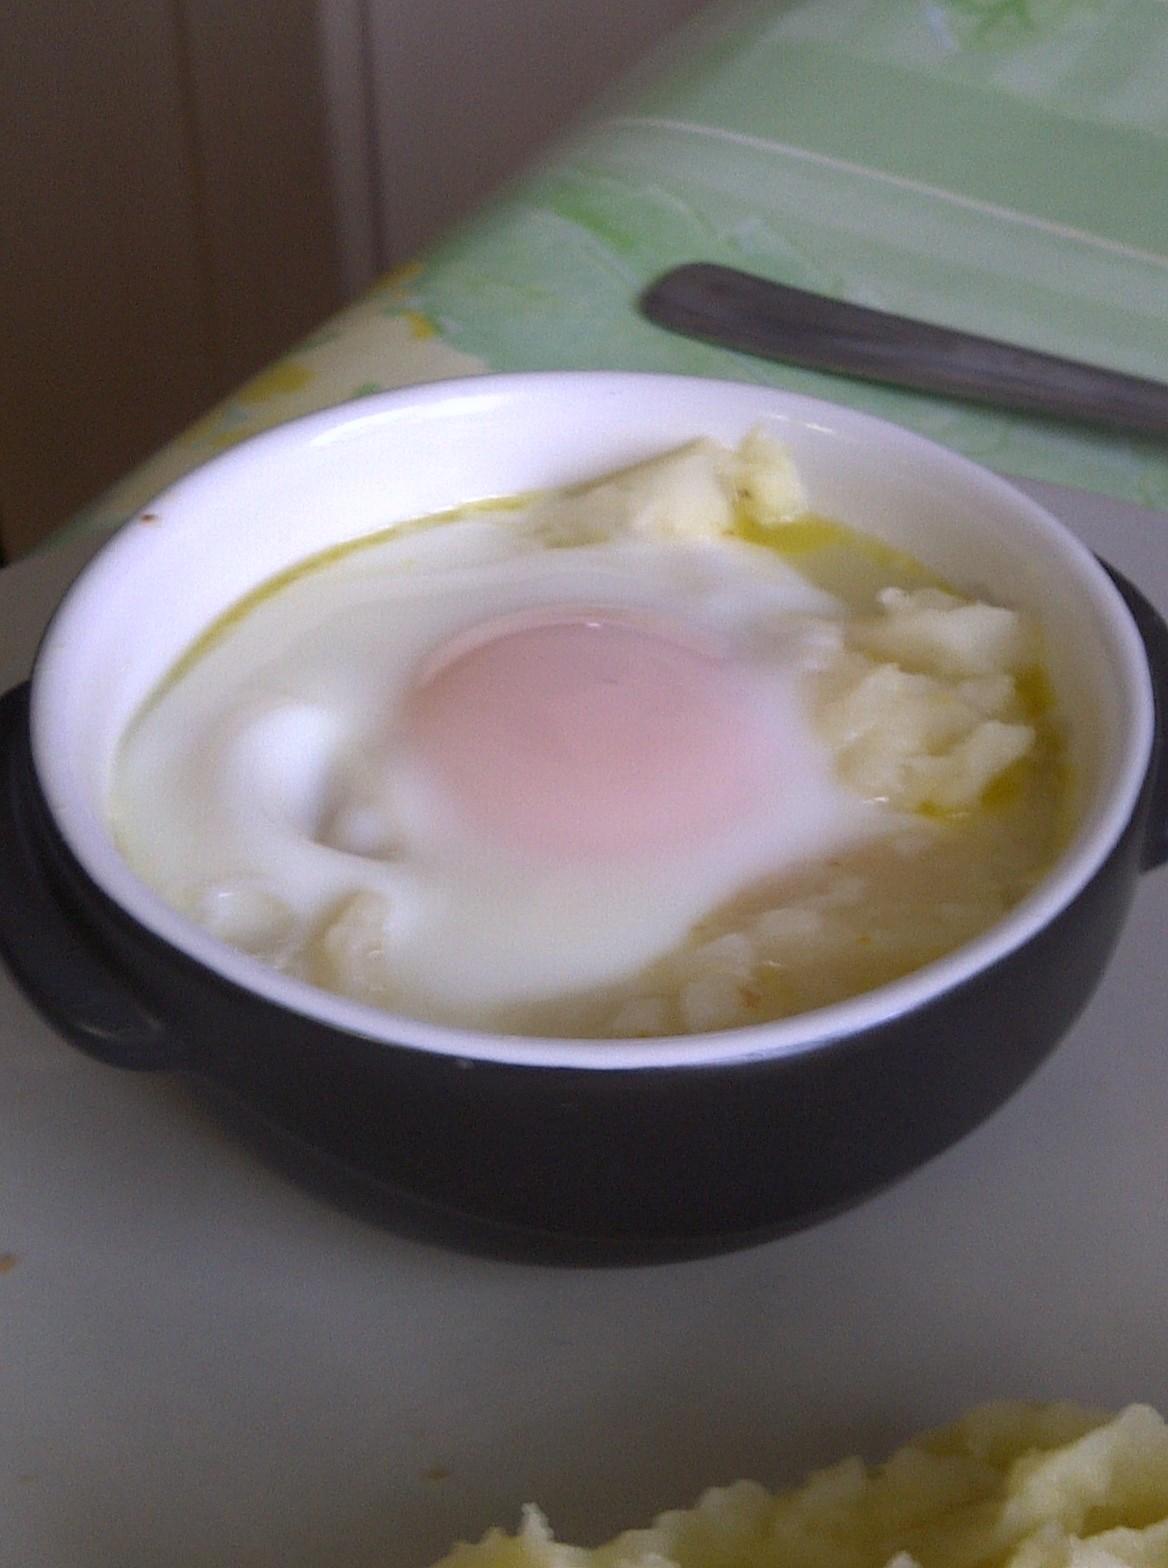 Parmesan les recettes de lut - Duree cuisson oeuf mollet ...